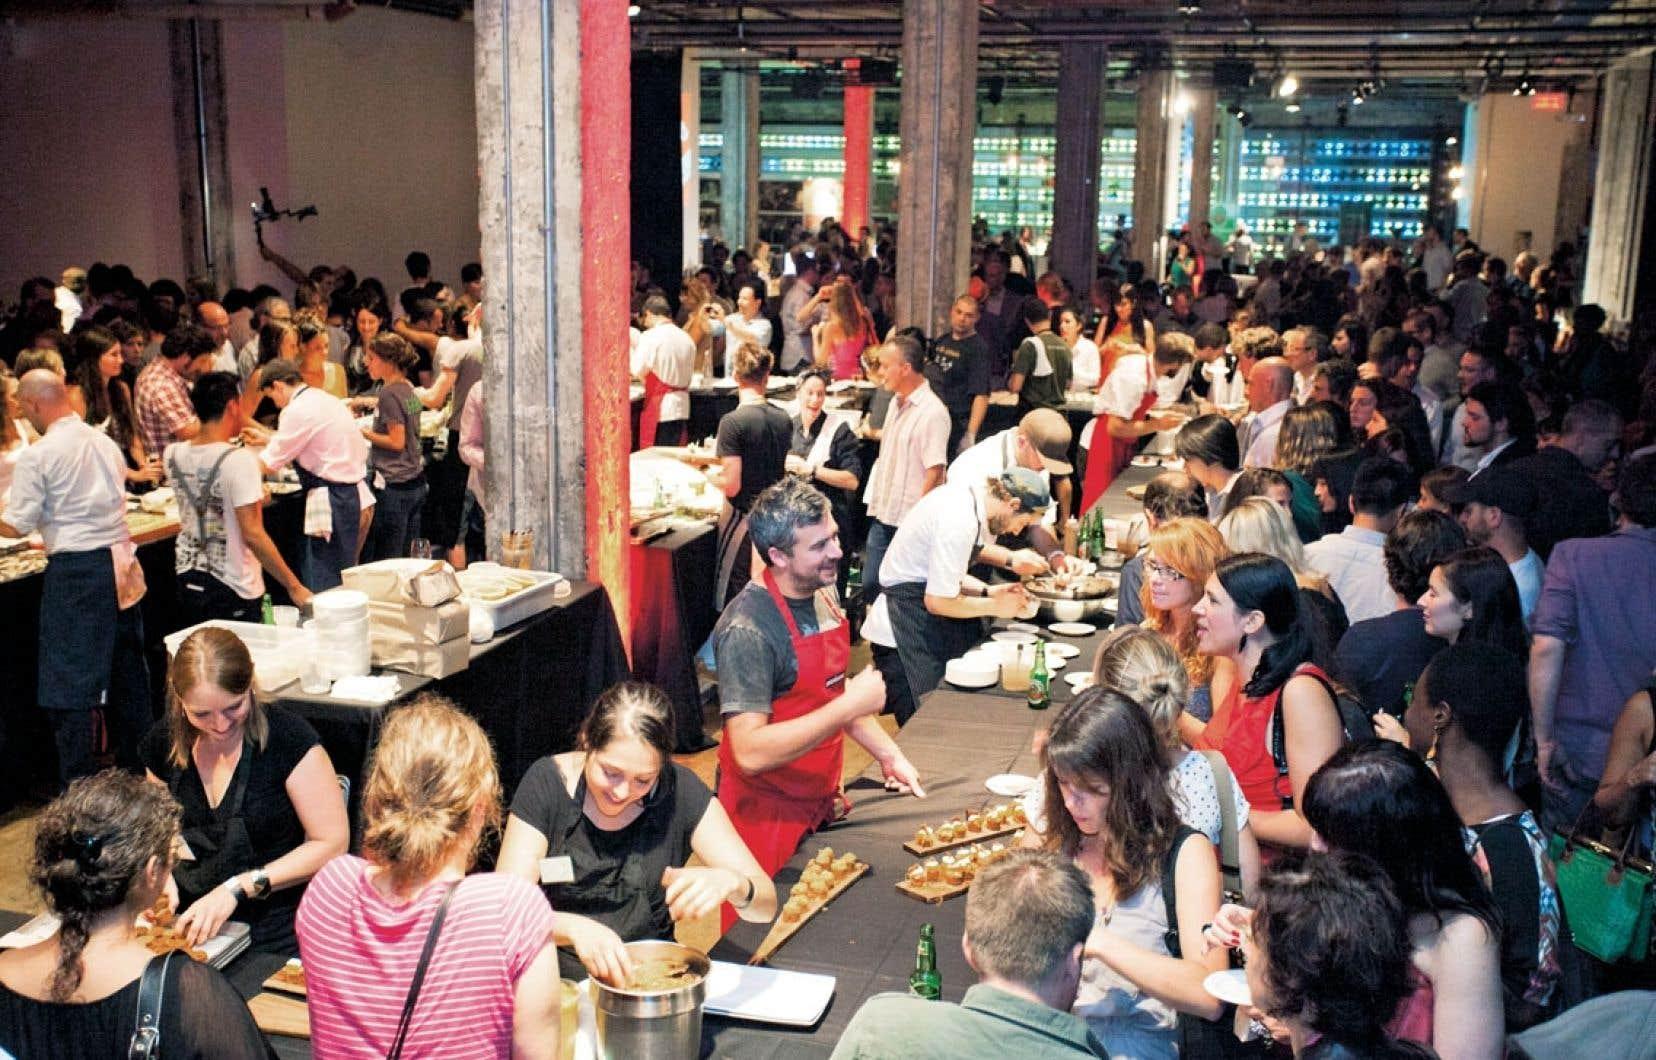 L'année dernière, plusieurs centaines de personnes ont pu déguster ce que les chefs avaient préparé pour la soirée Omnivorious. Cet événement se tient à nouveau samedi soir à la Société des arts technologiques (SAT) de Montréal.